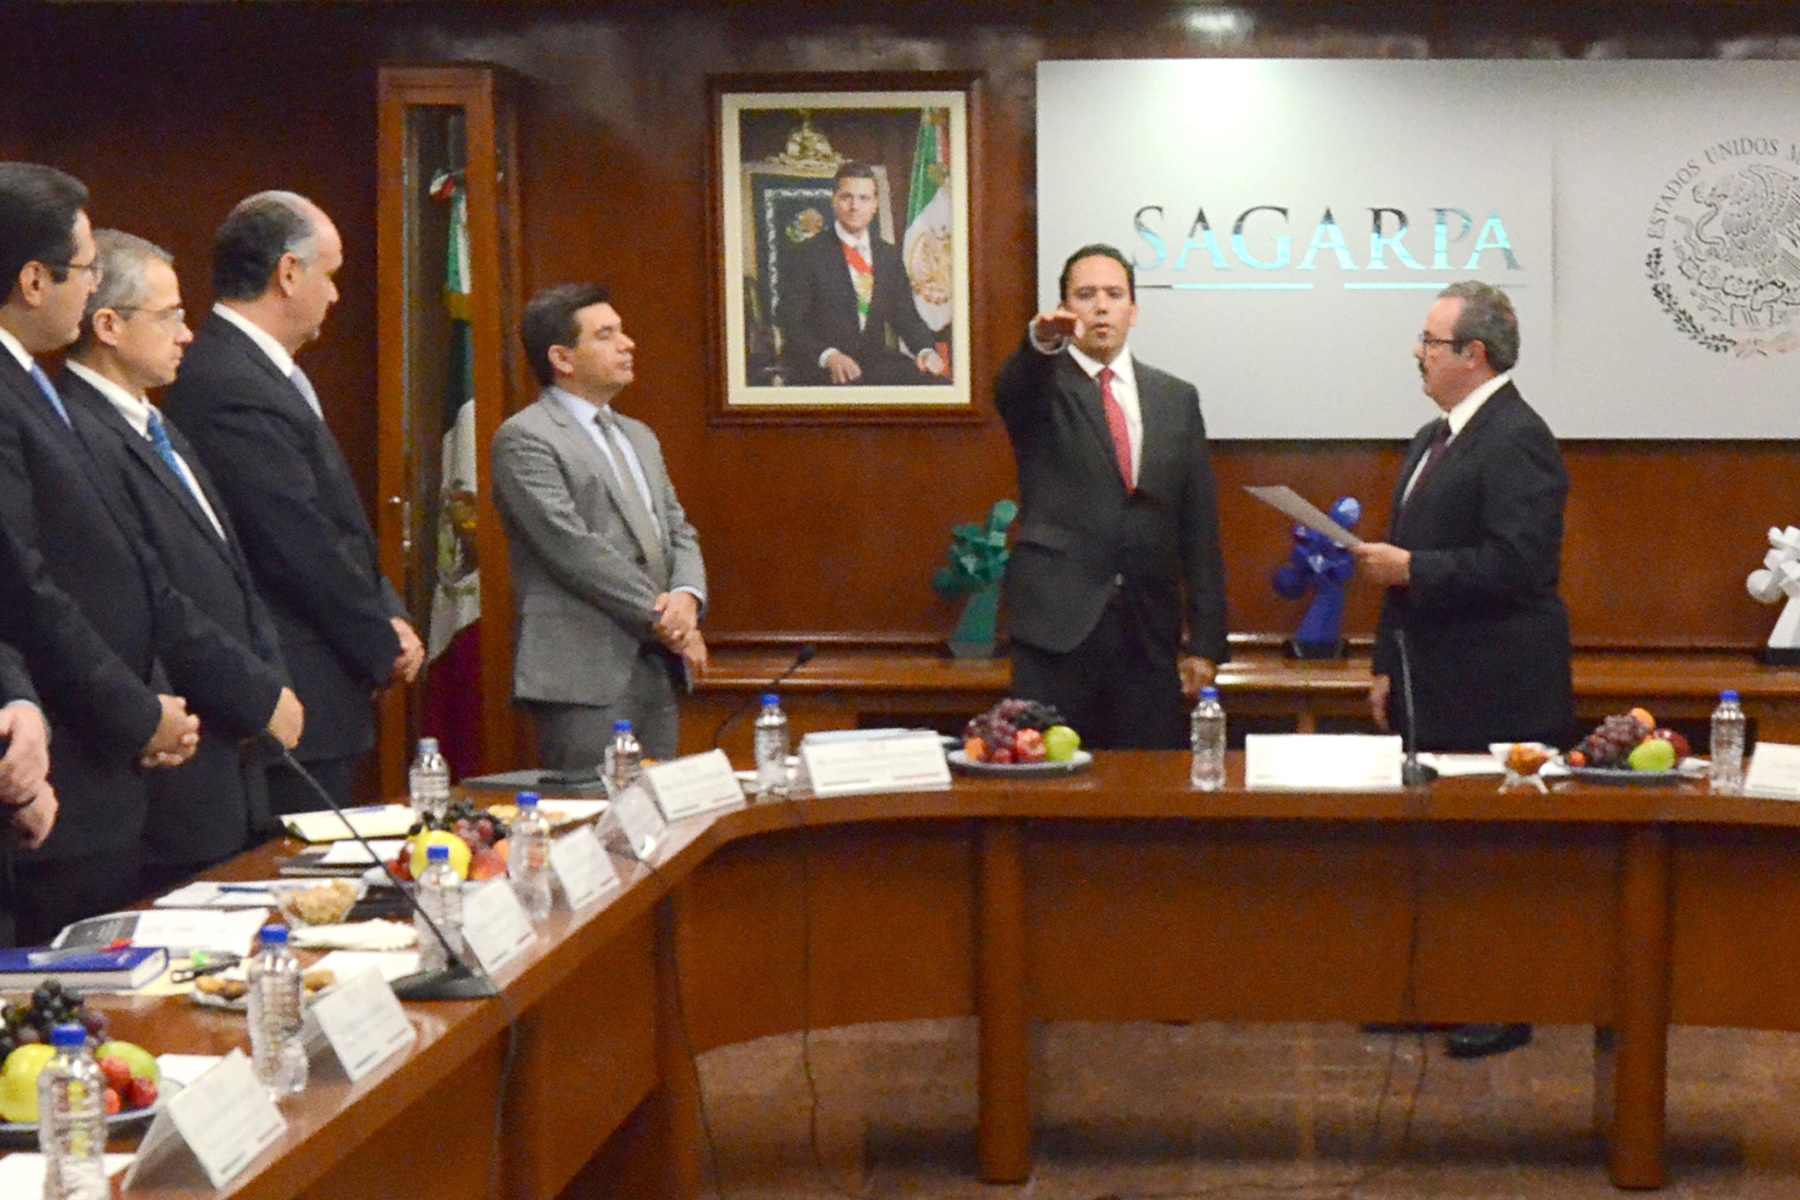 En cumplimiento a la instrucción del Presidente de la República, Enrique Peña Nieto, el titular de la SAGARPA, Enrique Martínez y Martínez, tomó protesta a Alejandro Vázquez Salido como nuevo director en jefe de ASERCA.